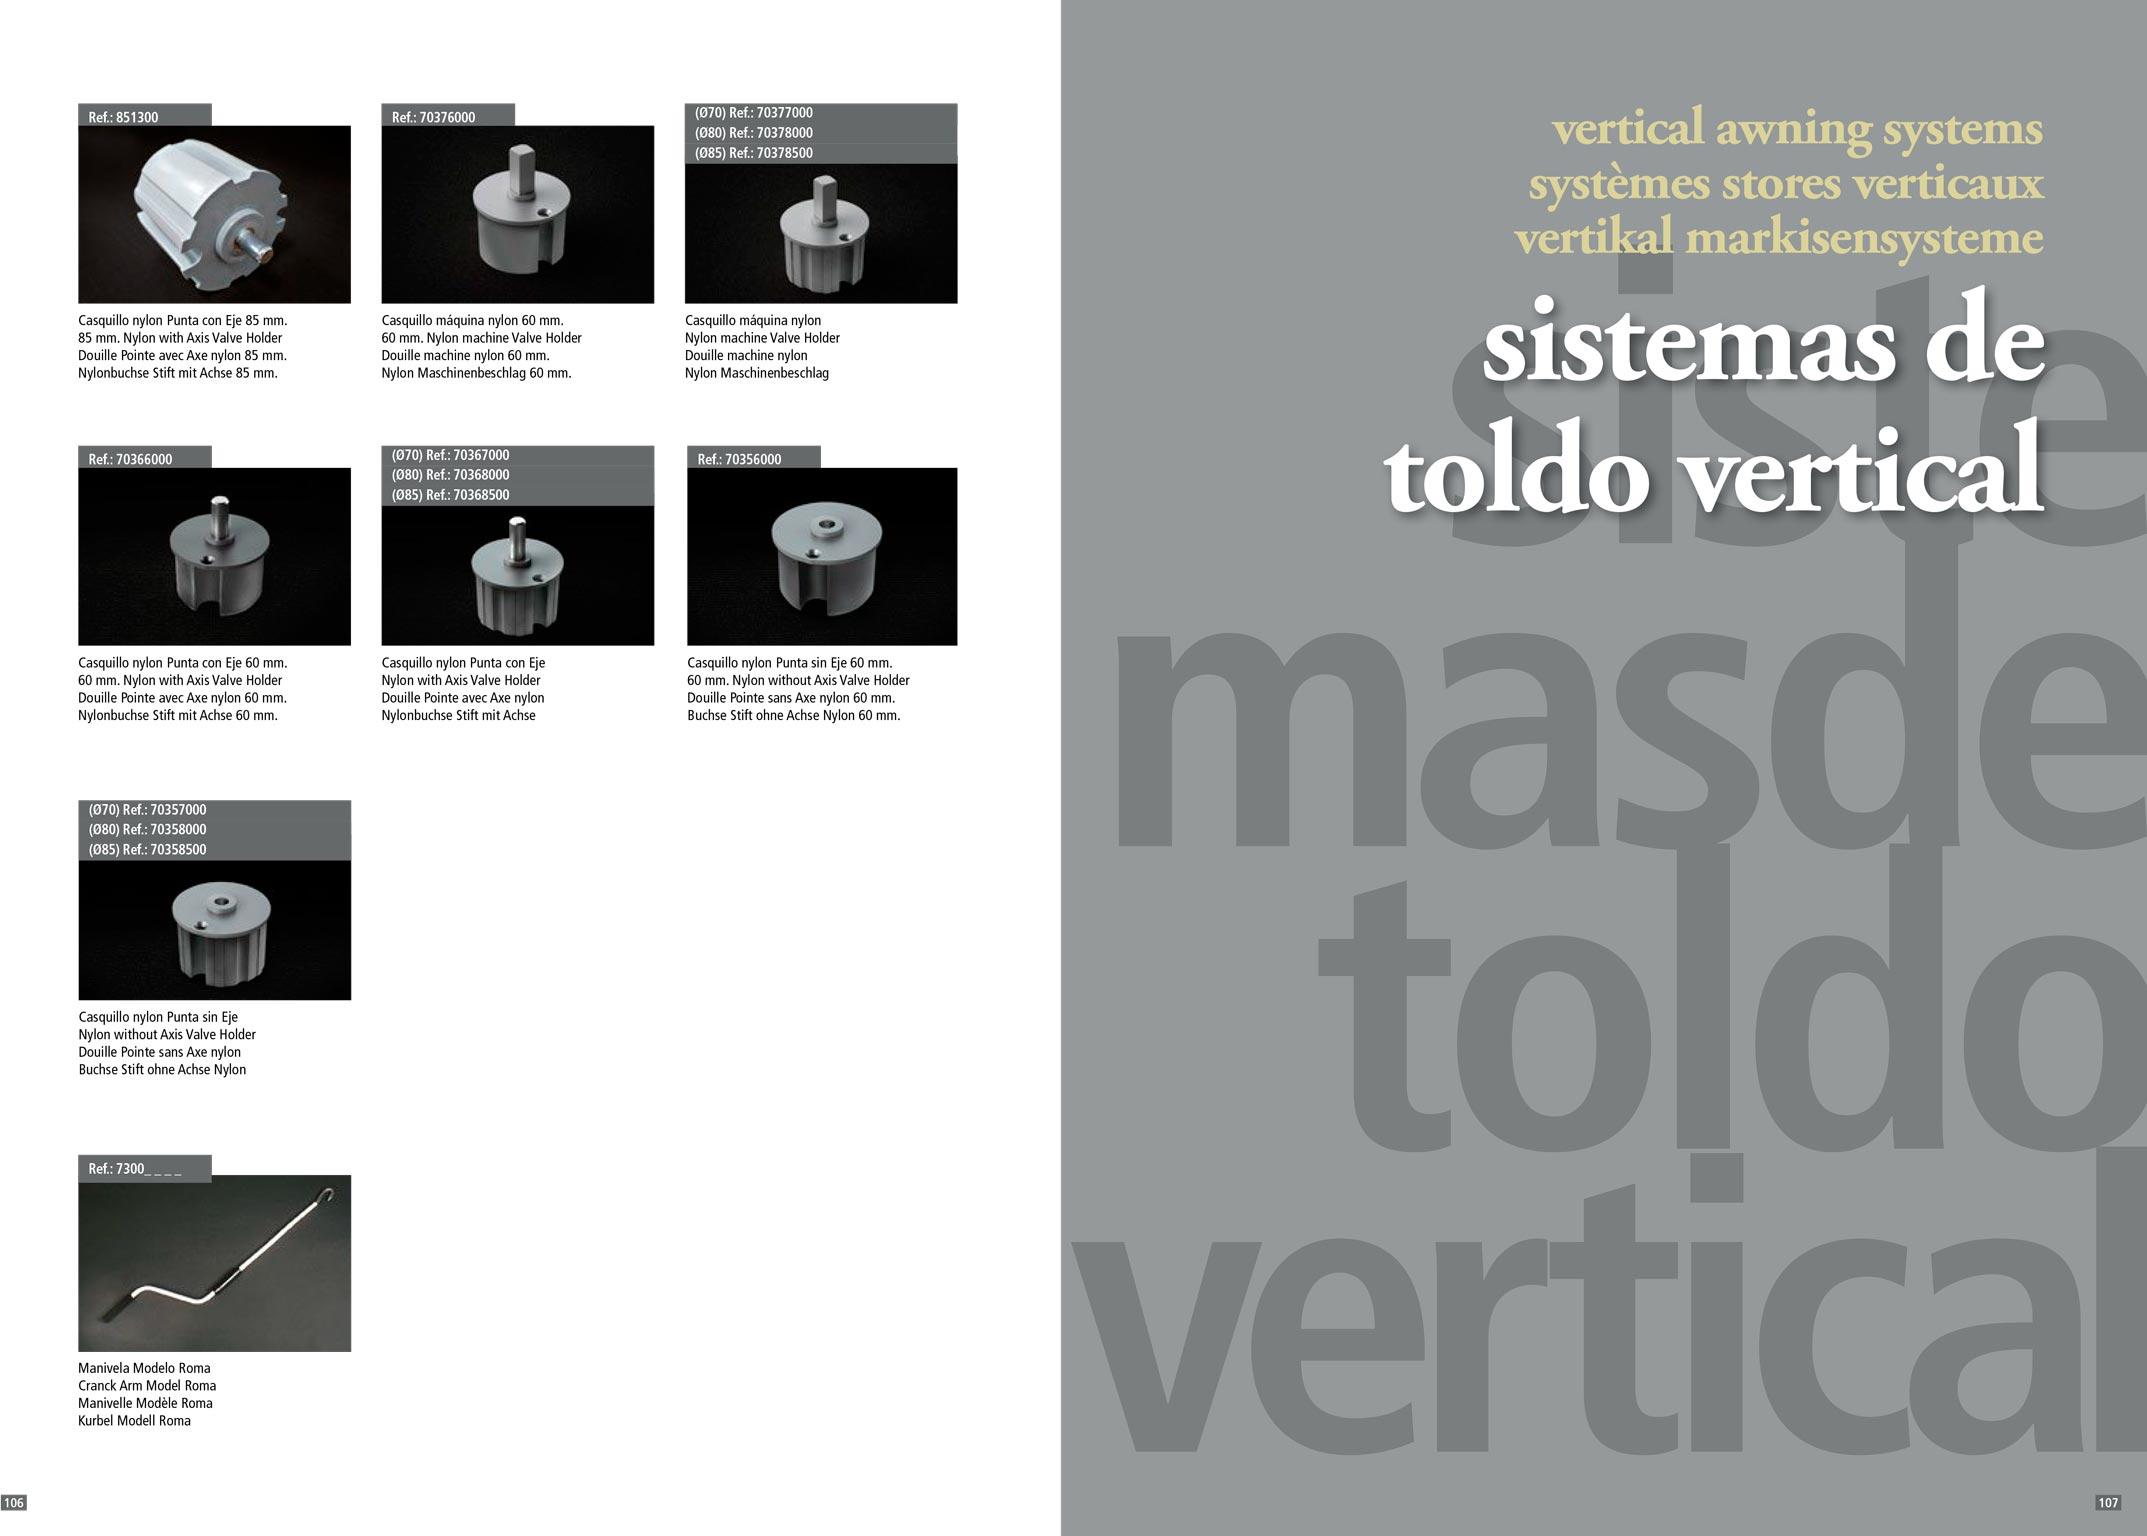 Accesorios para toldos y verticales stadia store - Toldos verticales enrollables ...